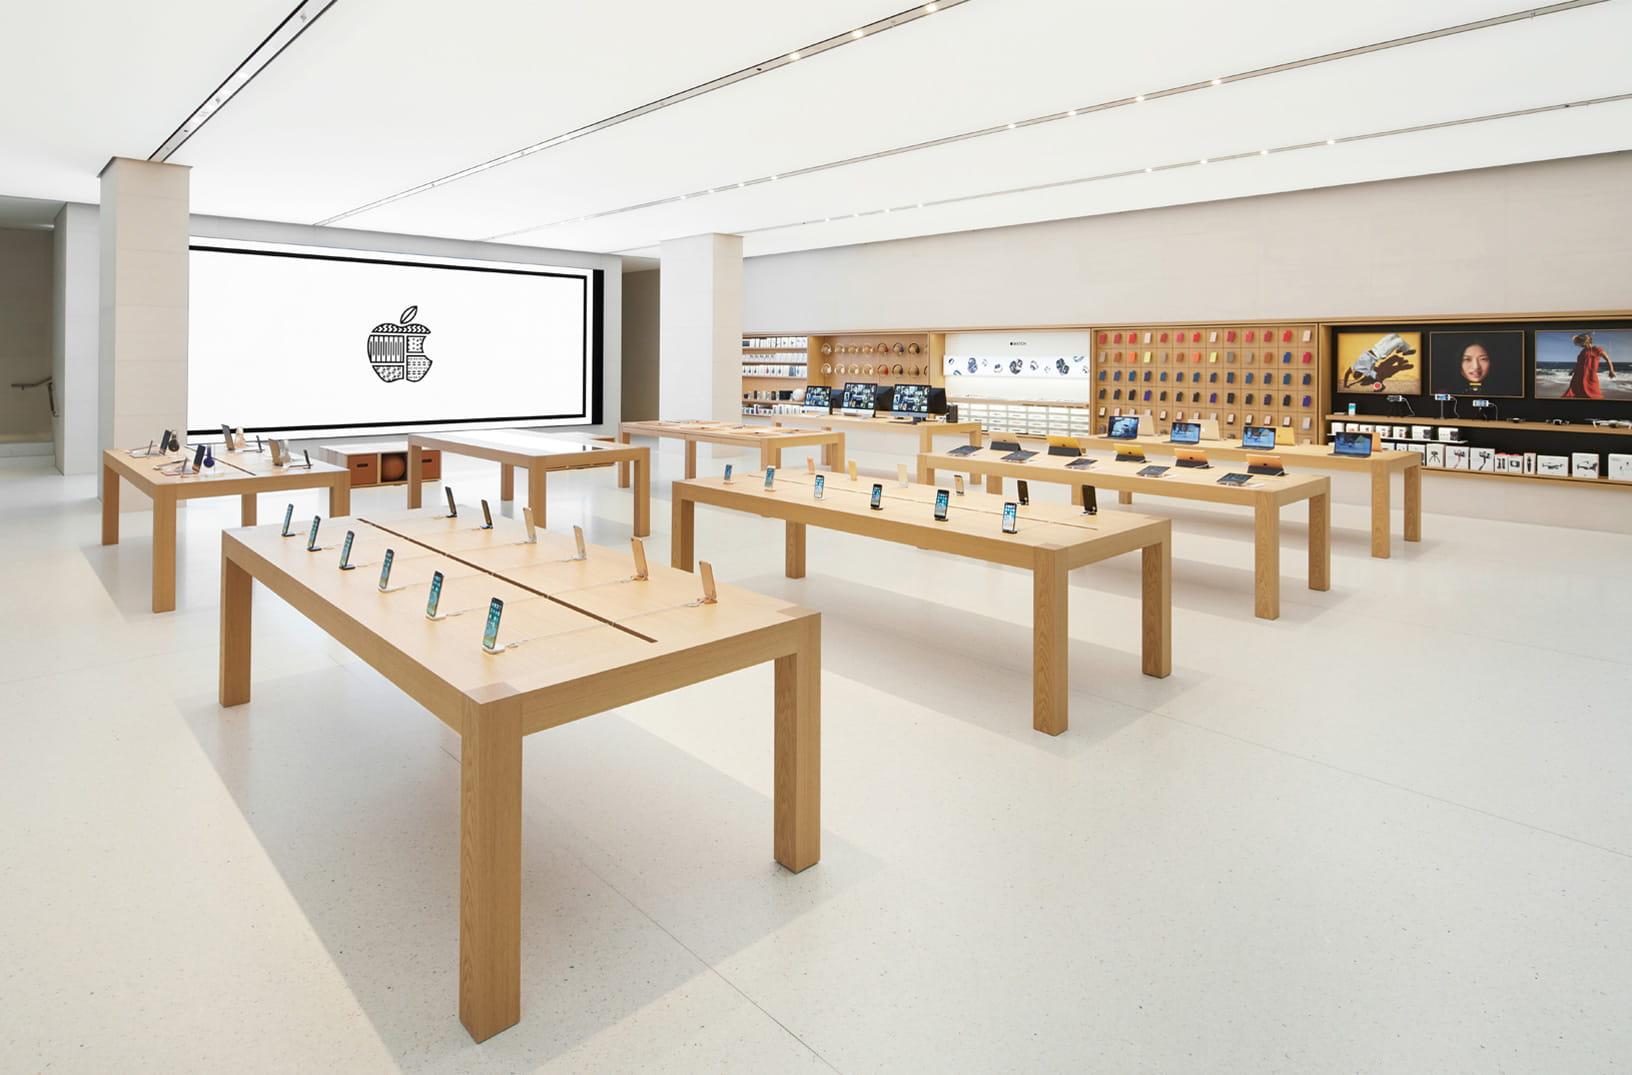 Angela Ahrendts, chefe de varejo da Apple, faz uma saída surpresa